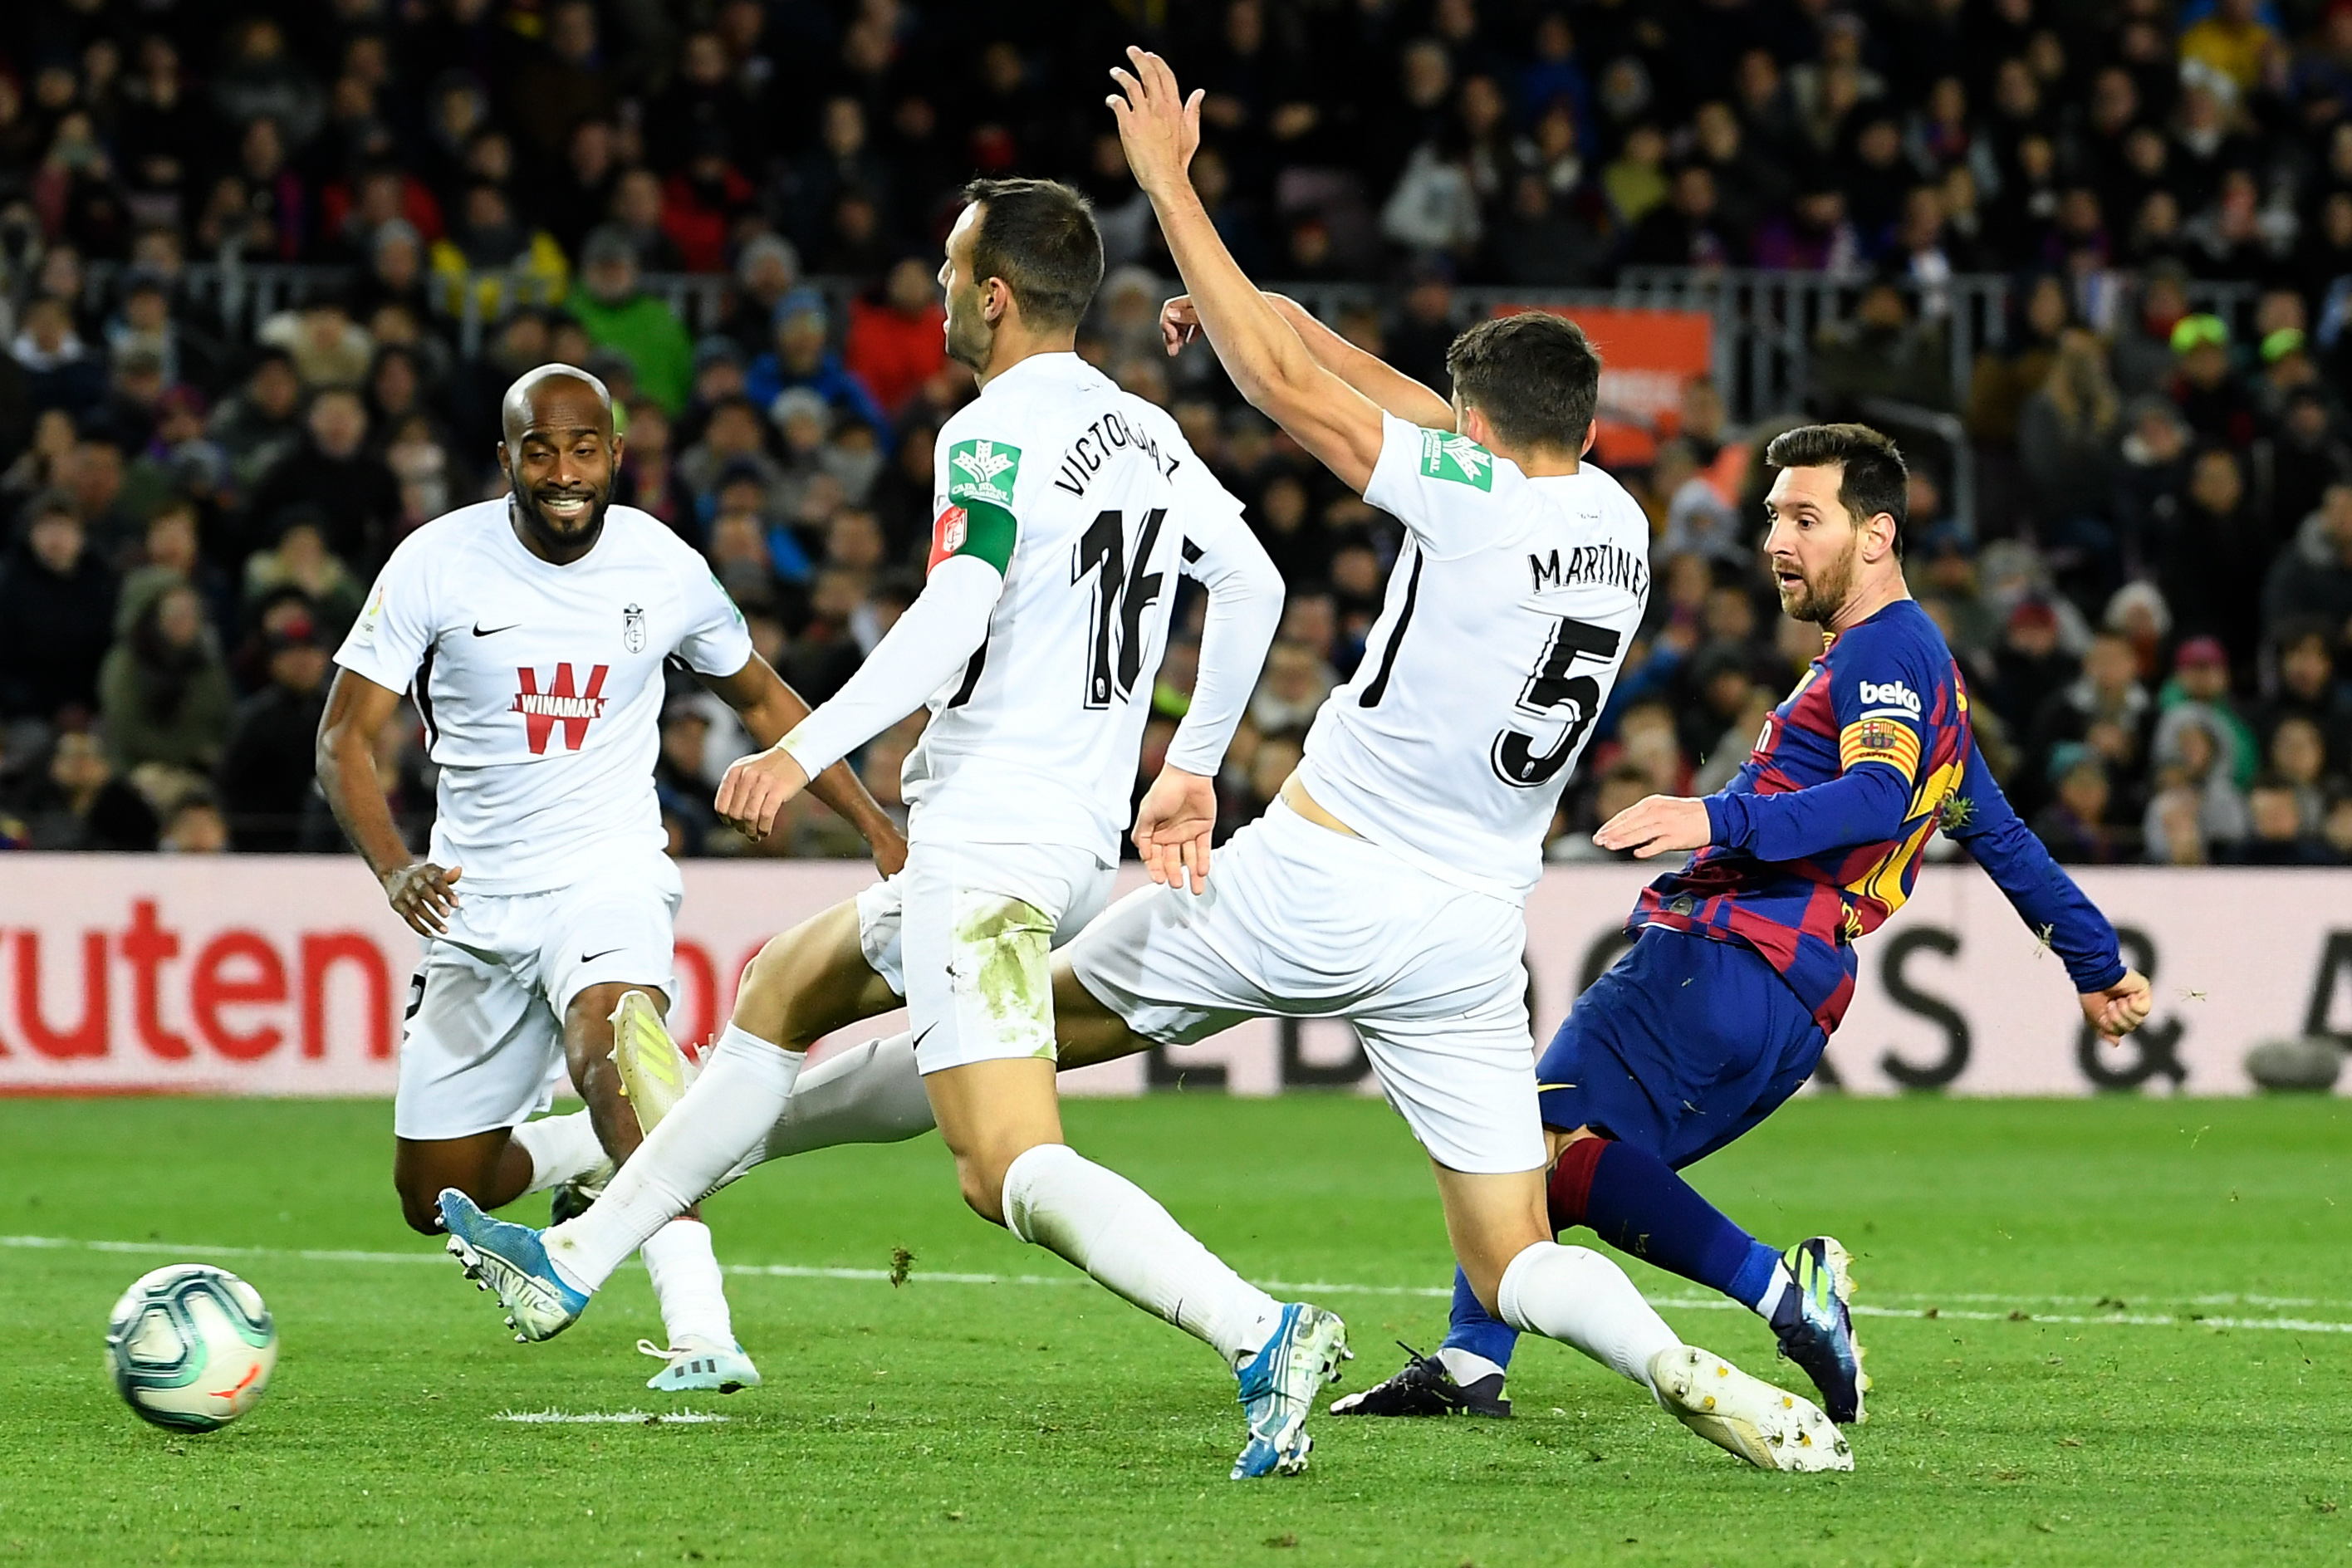 ميسي ينقذ برشلونة من فخ التعادل امام غرناطة ويُؤمن انطلاقة كيكي سيتين